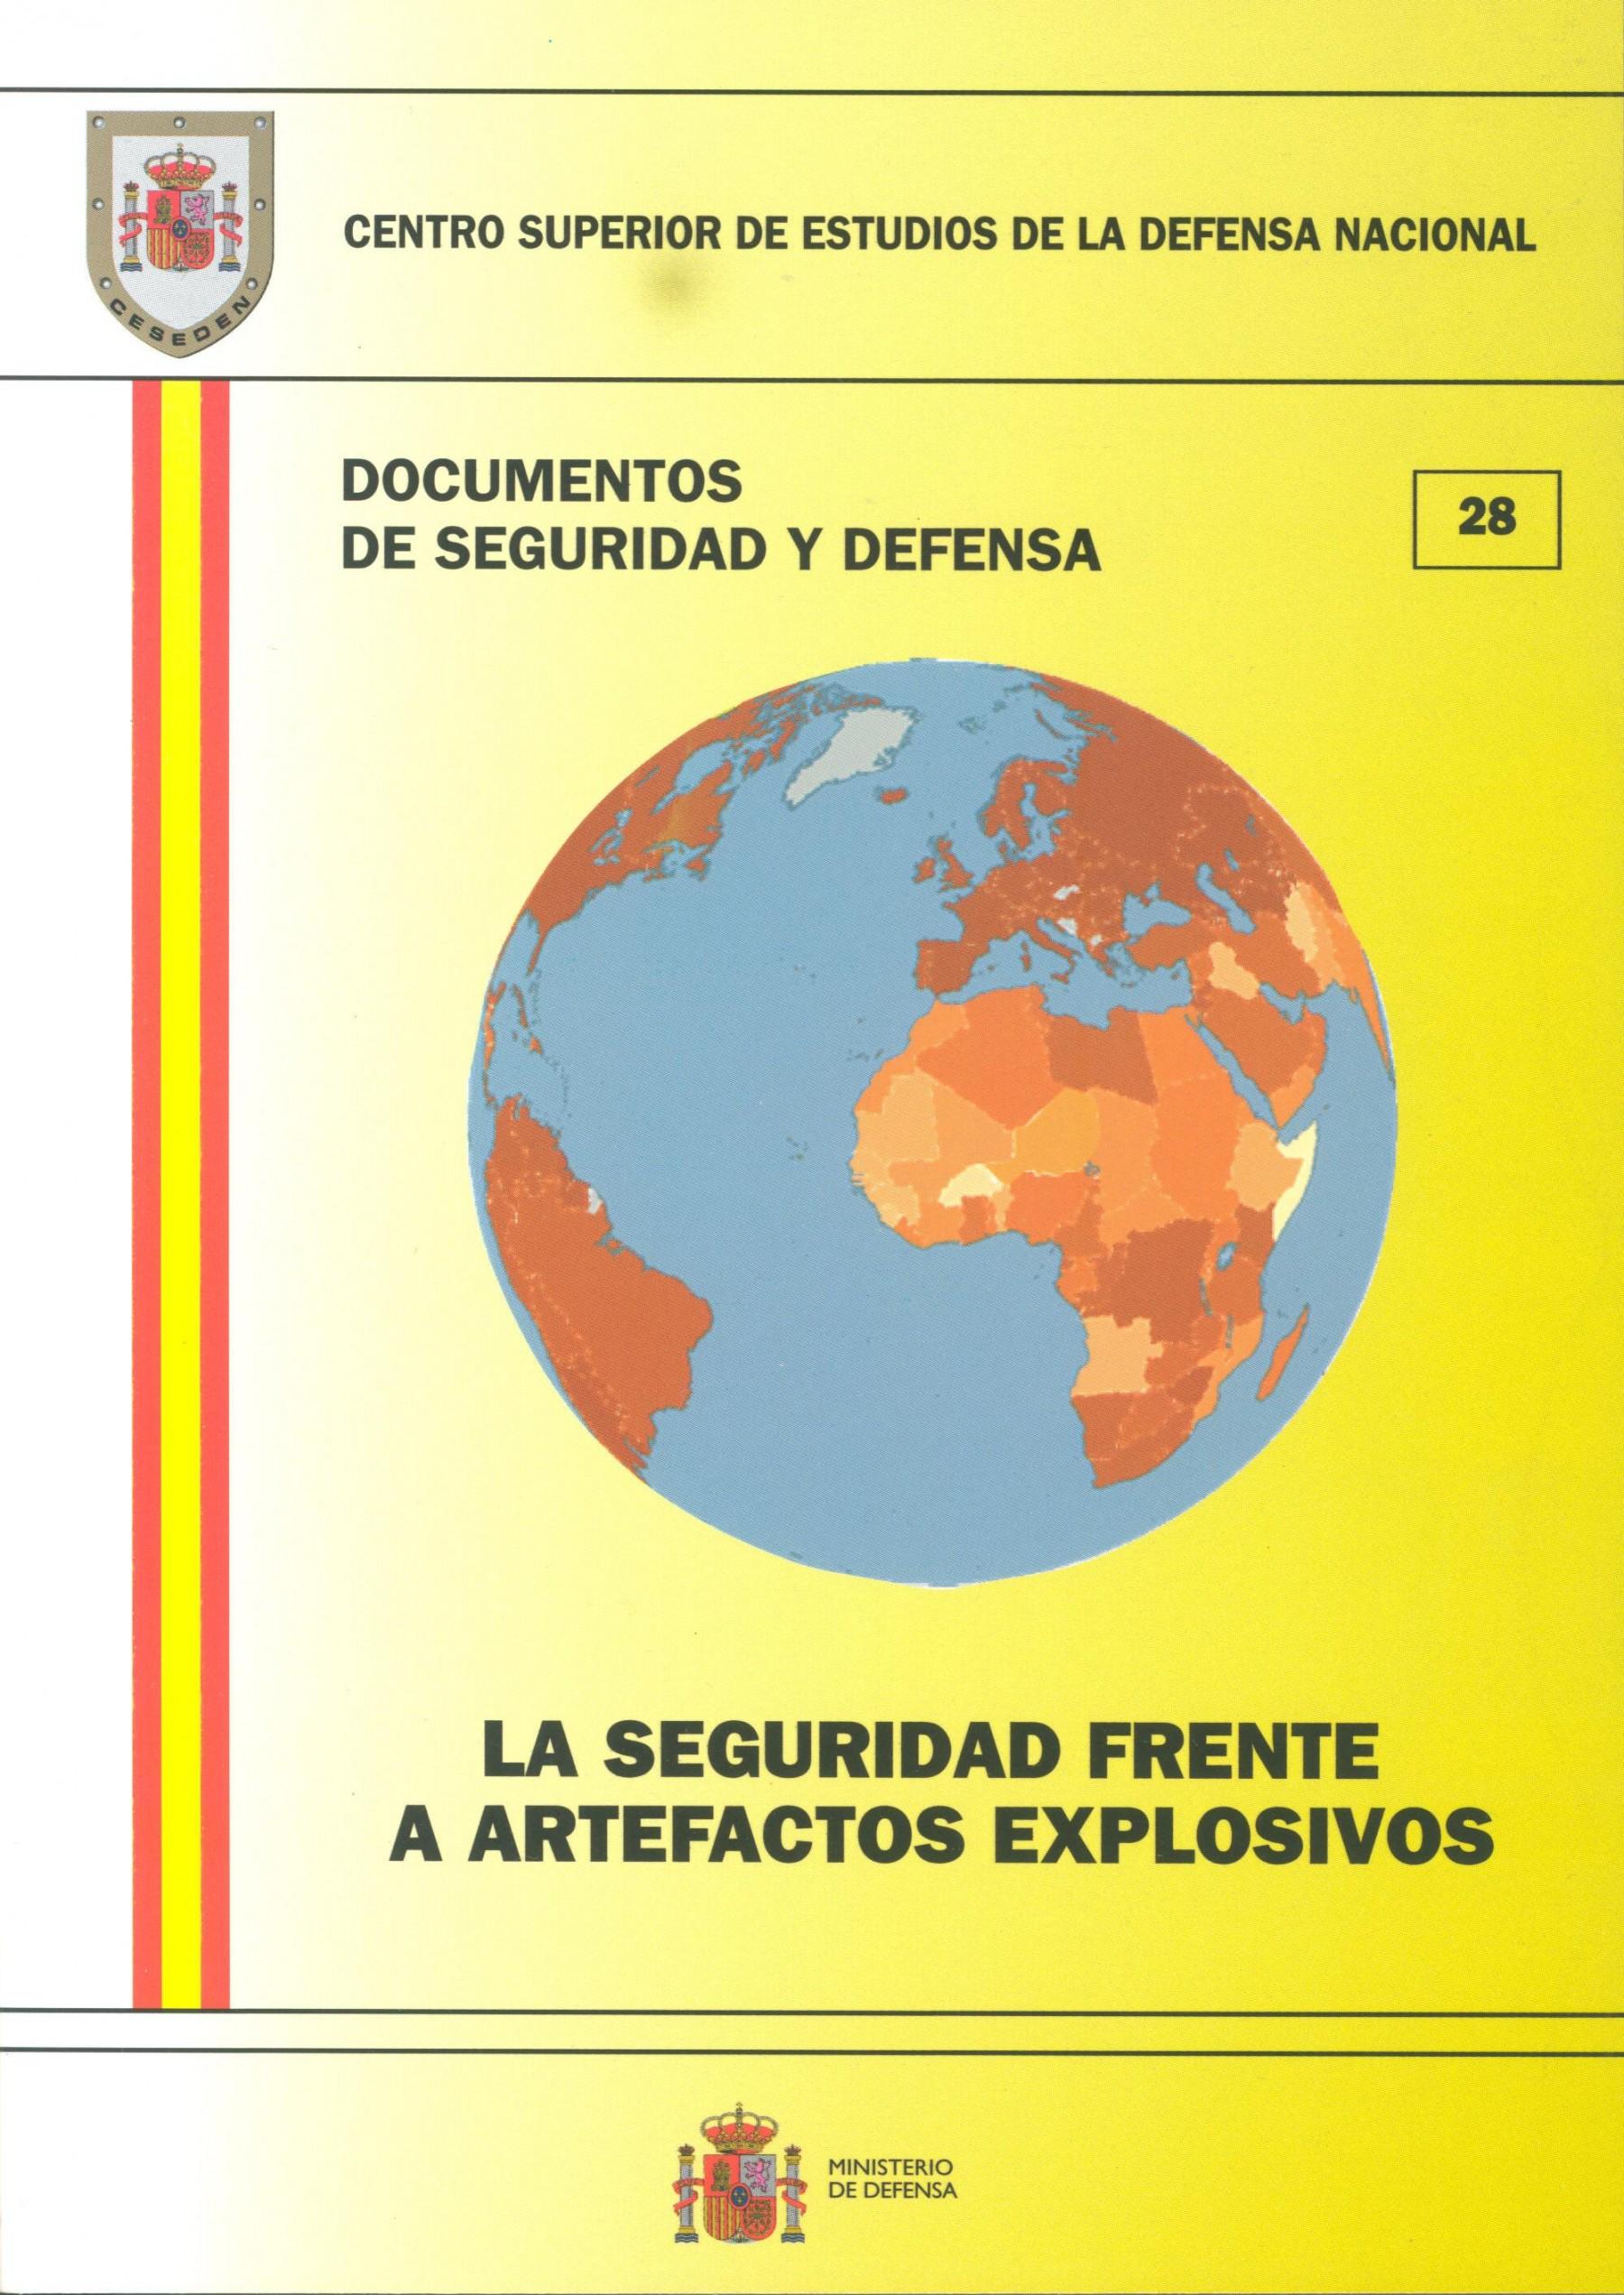 SEGURIDAD FRENTE A ARTEFACTOS EXPLOSIVOS, LA